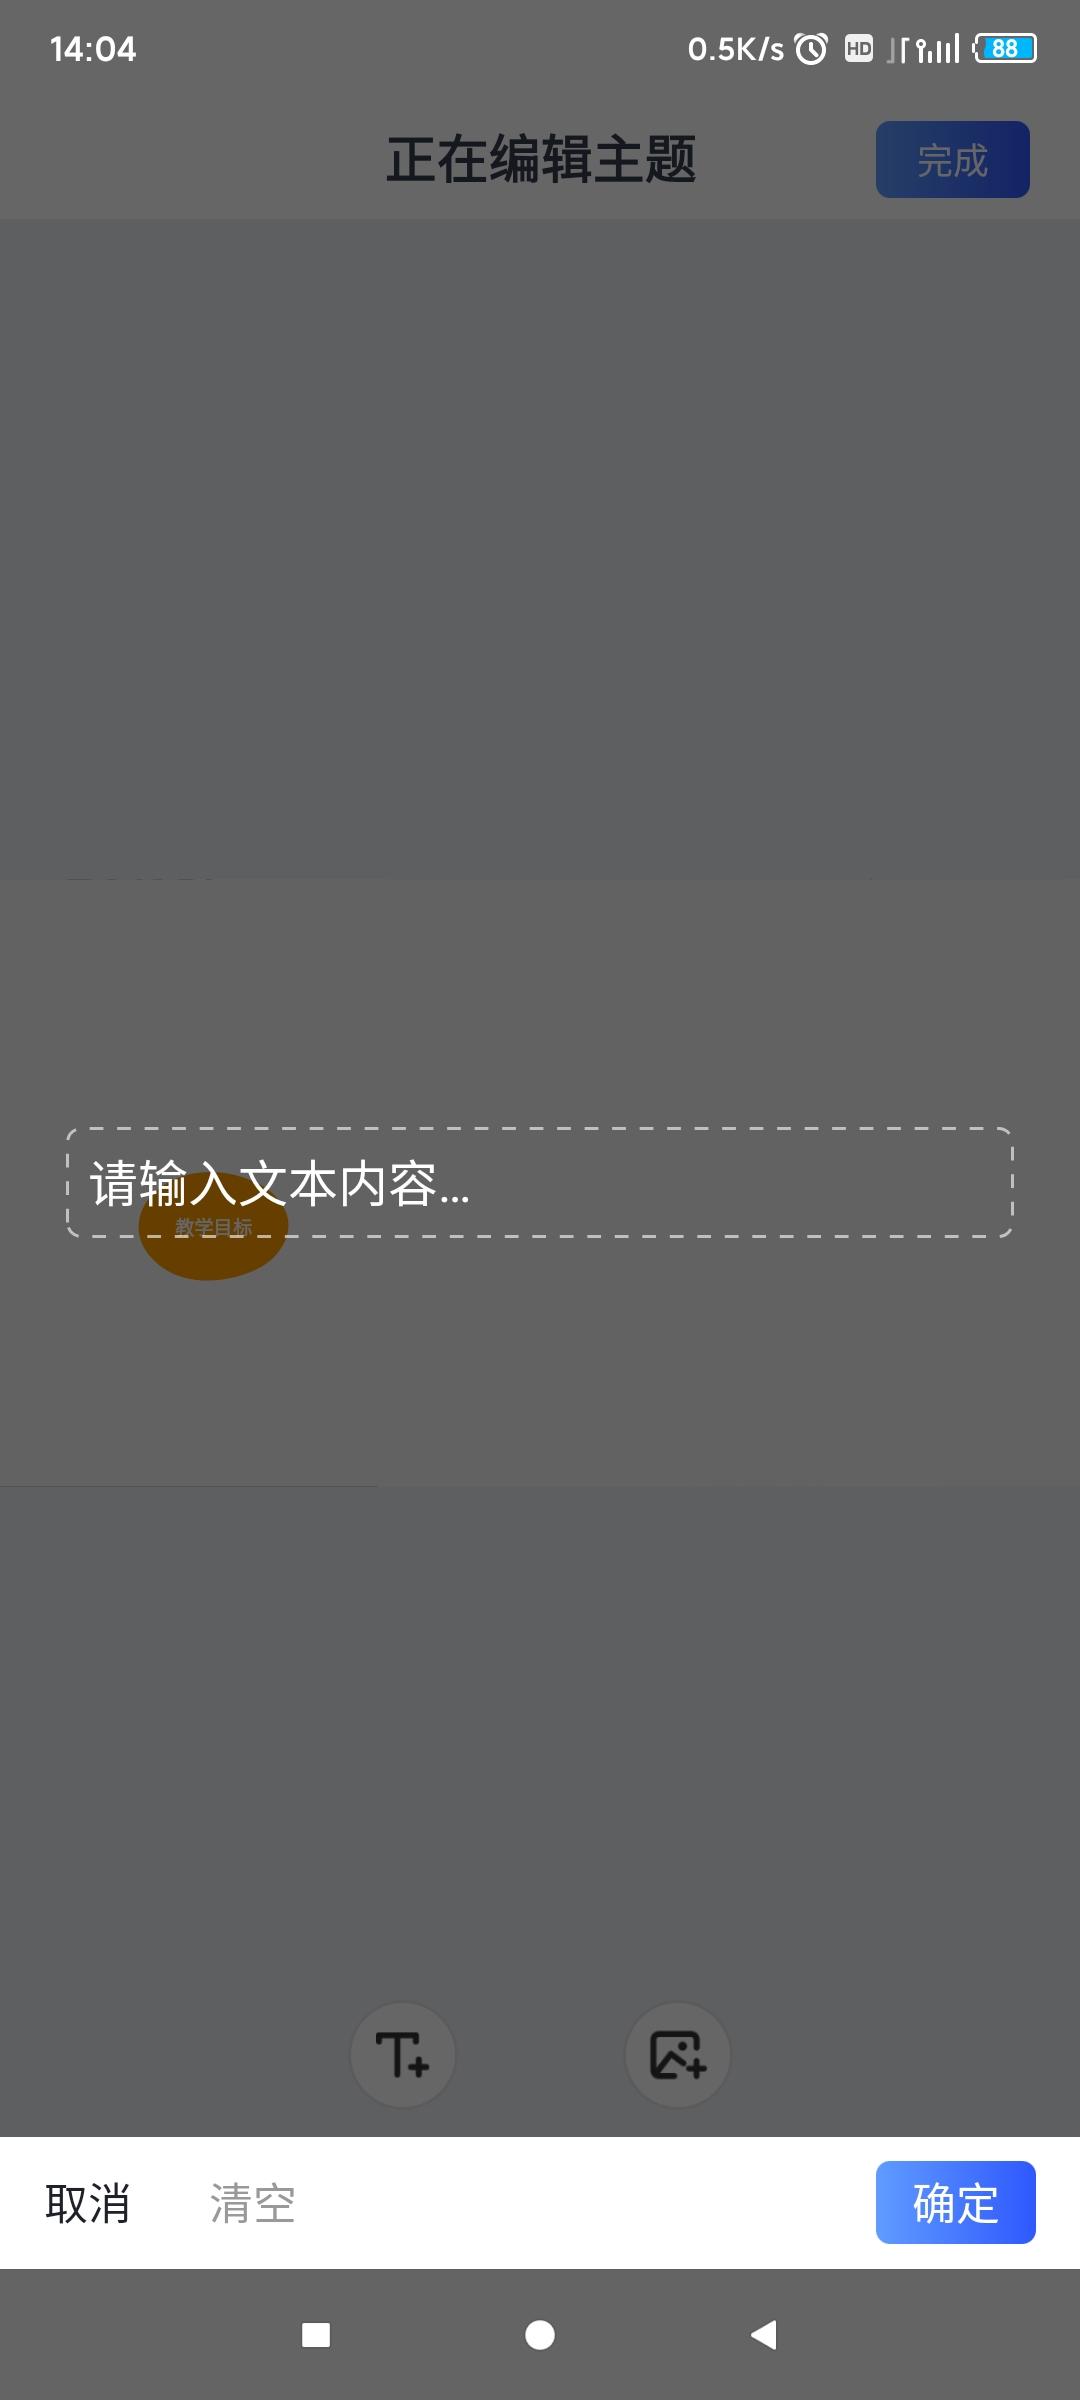 编辑主题文本